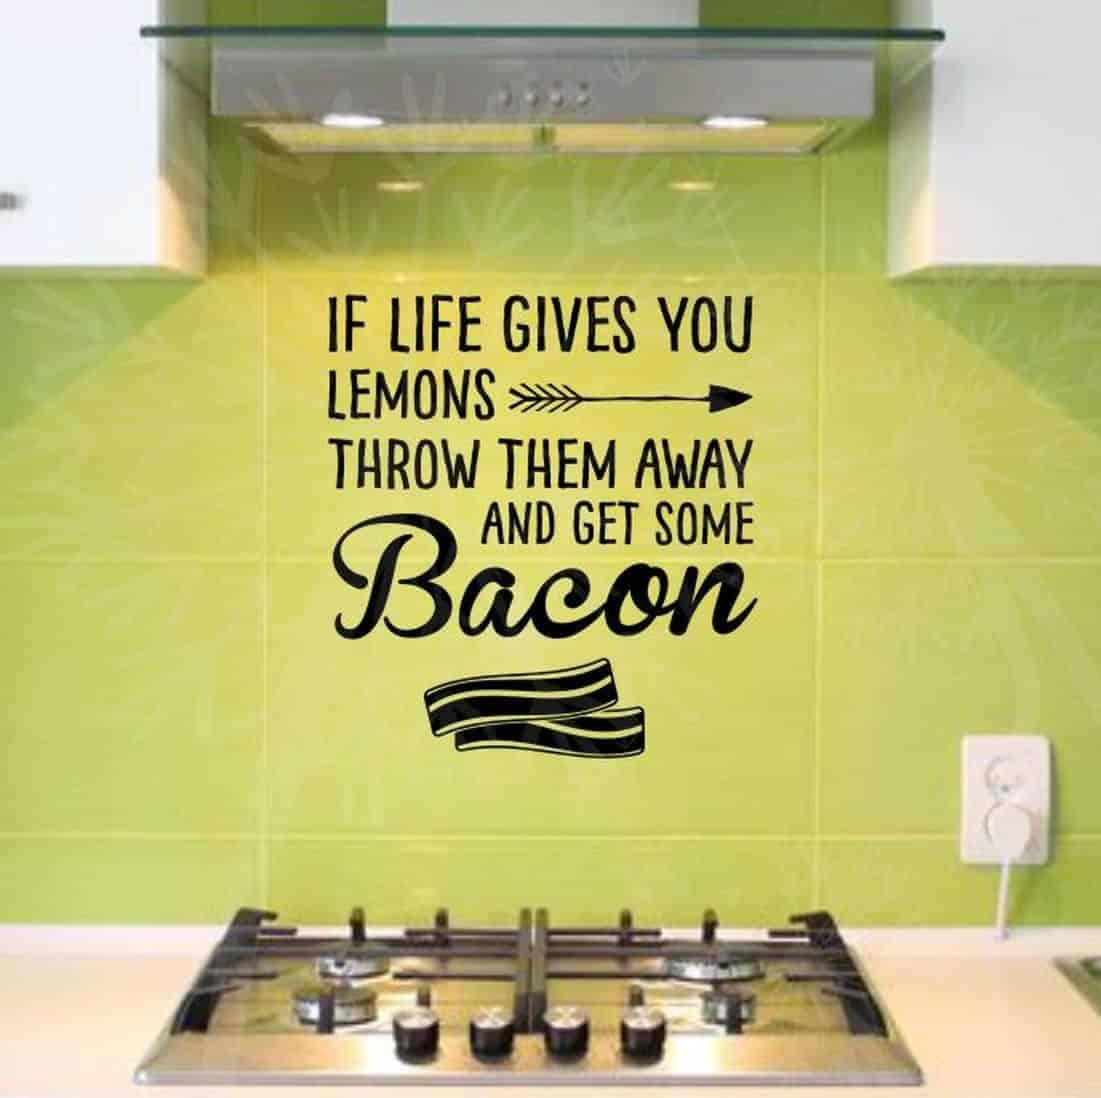 Trade lemons for bacon